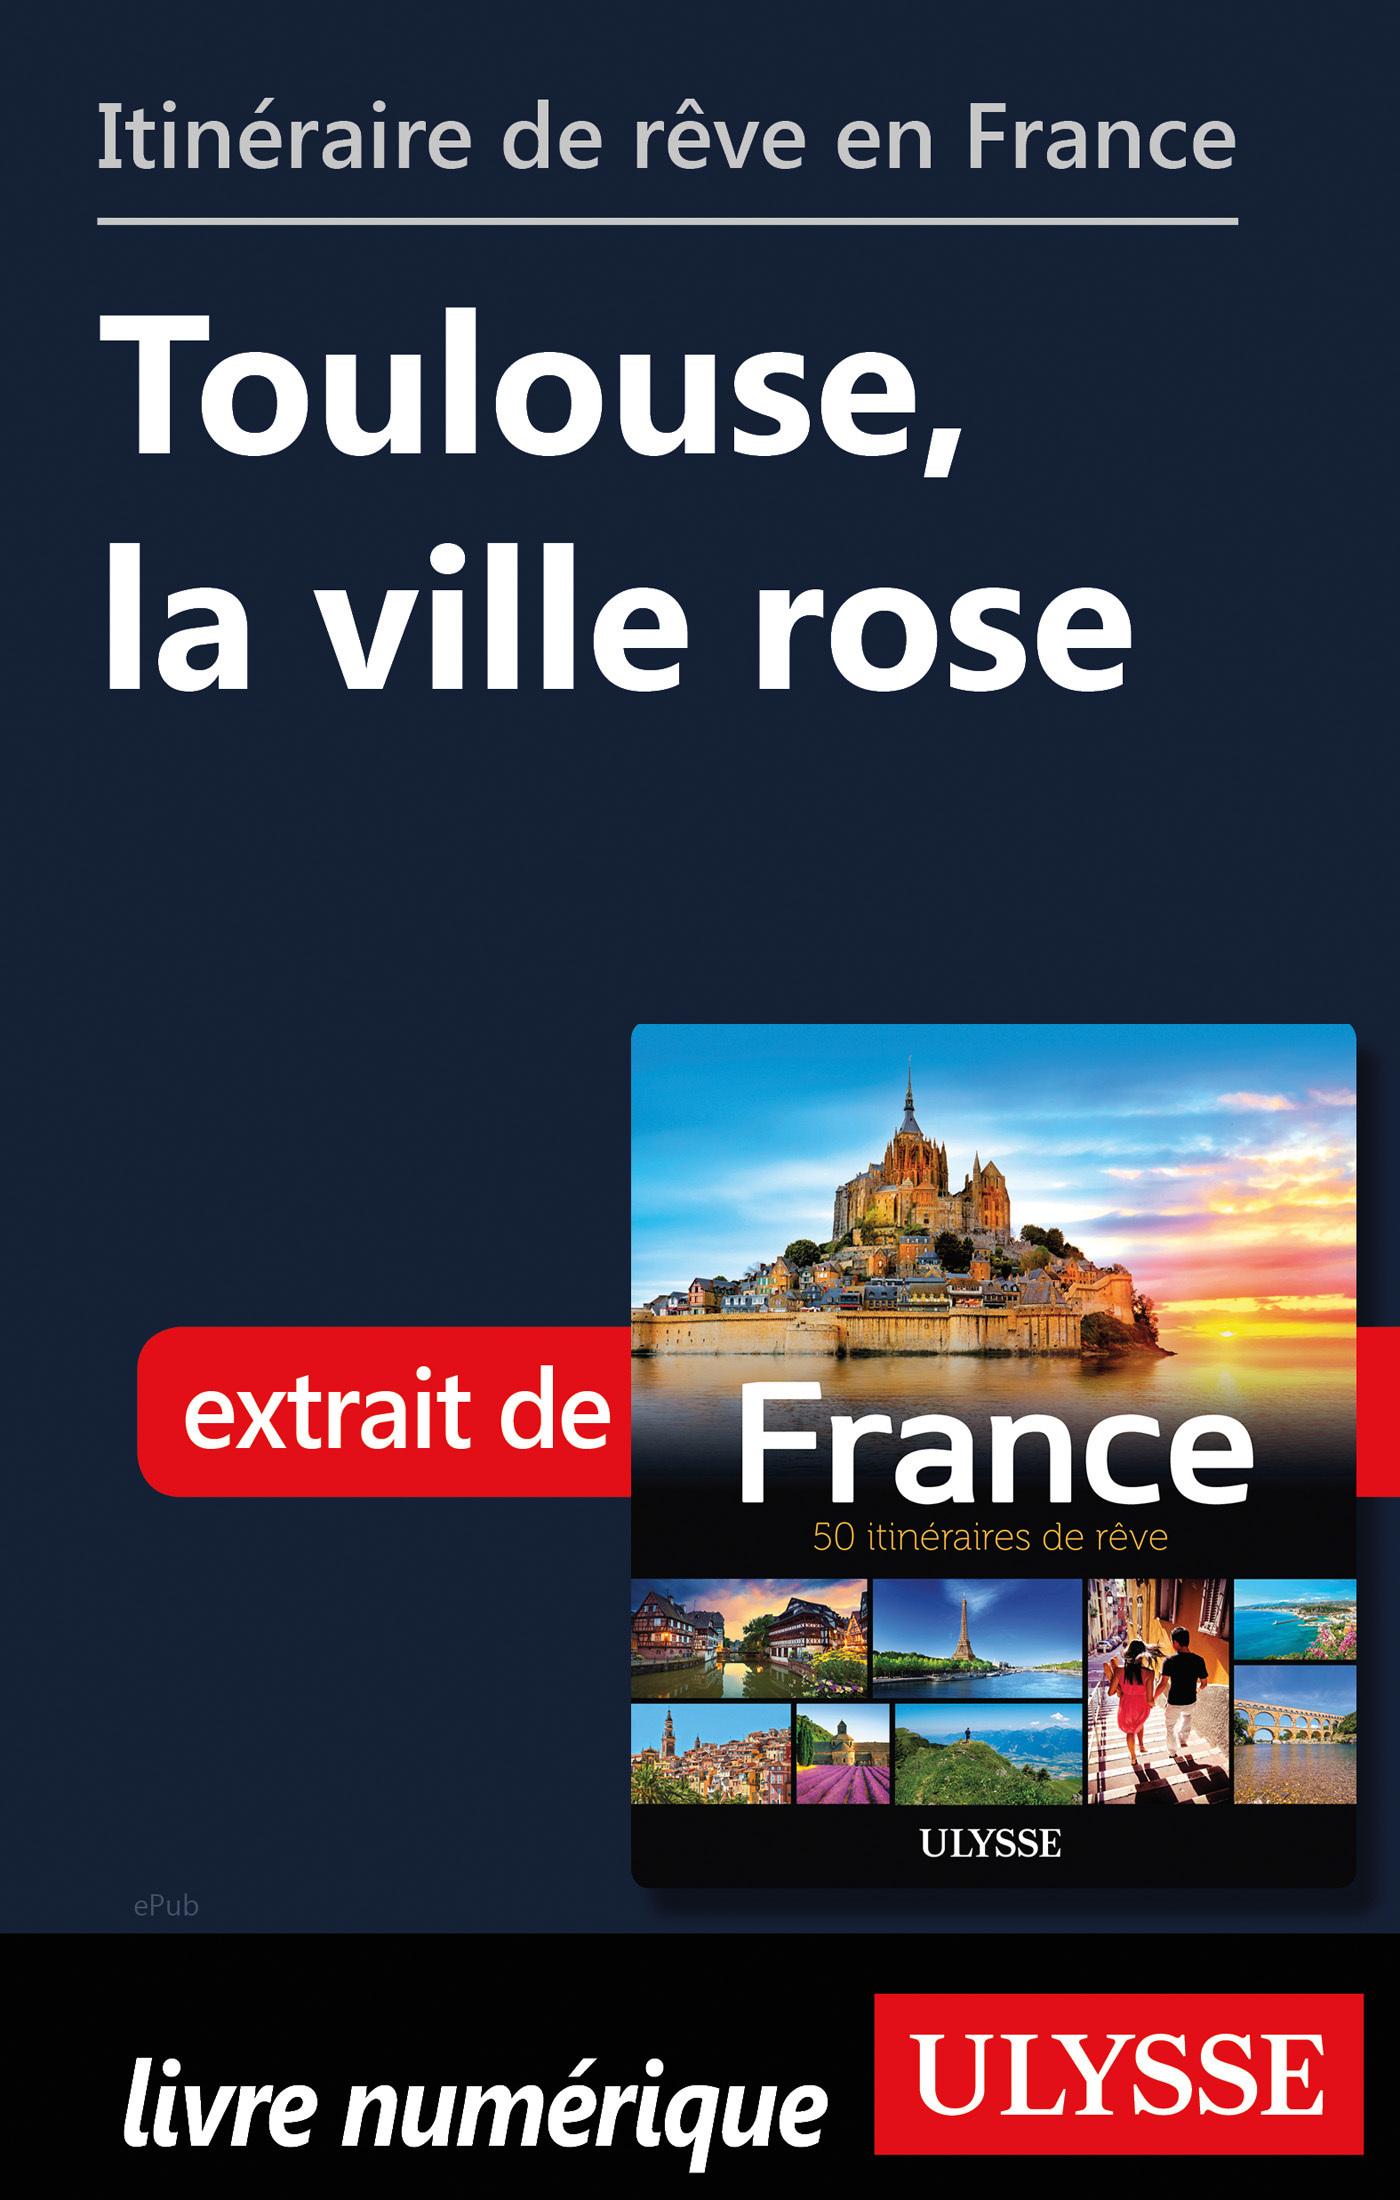 Itinéraire de rêve en France - Toulouse, la ville rose